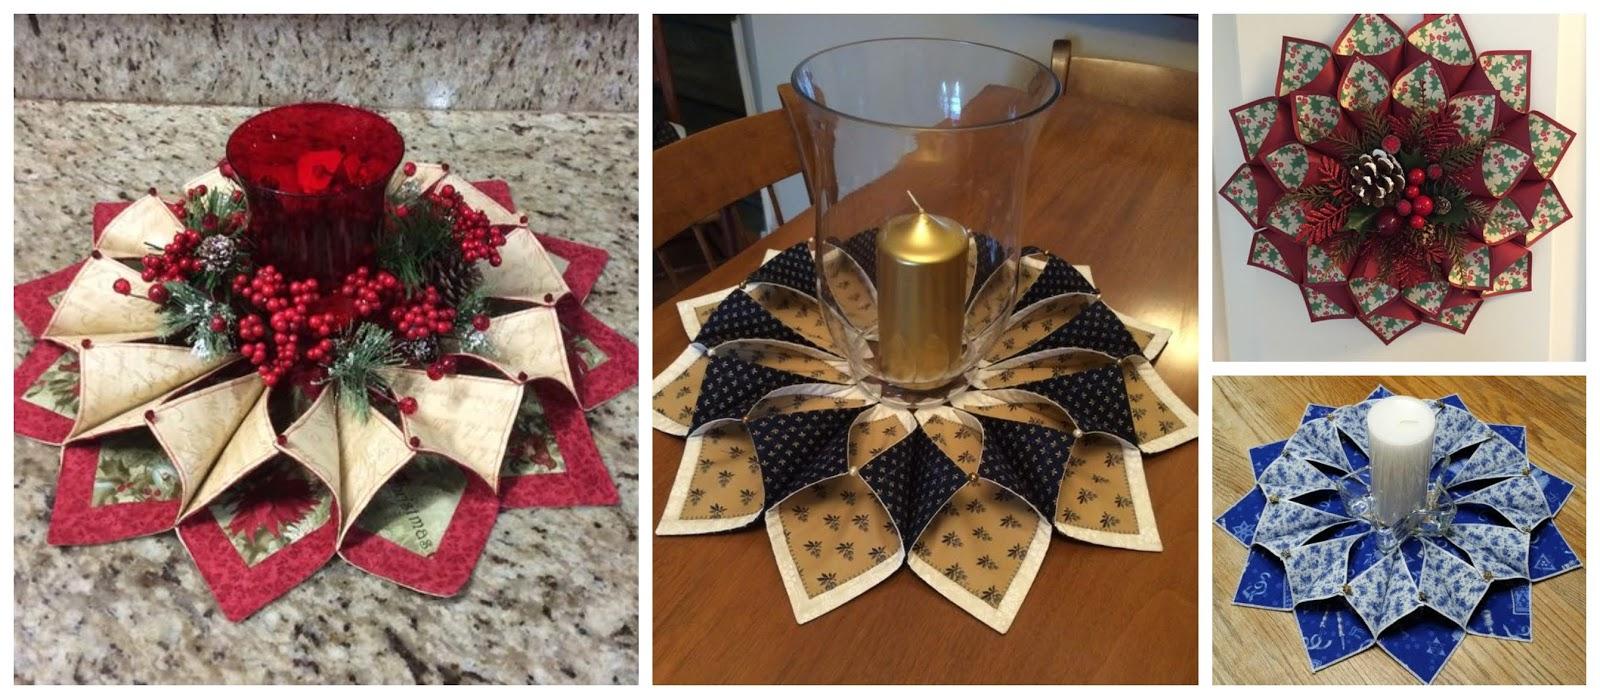 Haz hermosos centros de mesa con tela para esta navidad - Centros de mesas navidenos ...